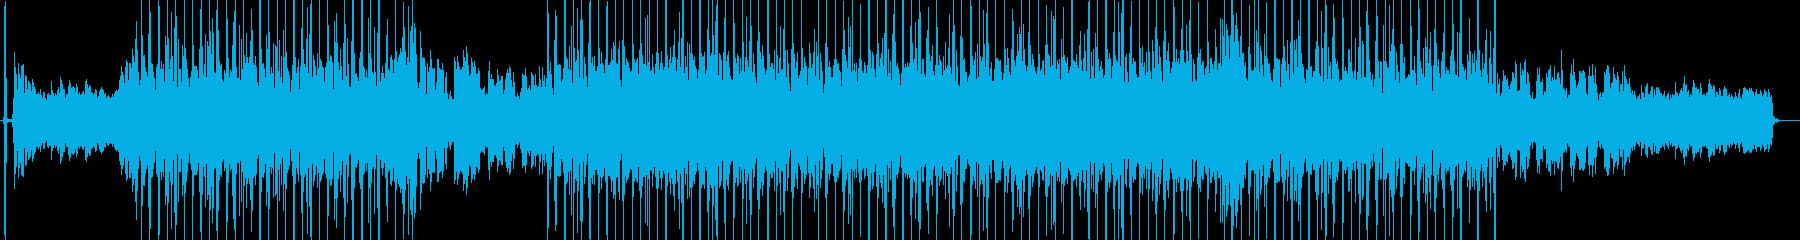 日本的、感情的,ドラマティックなインストの再生済みの波形